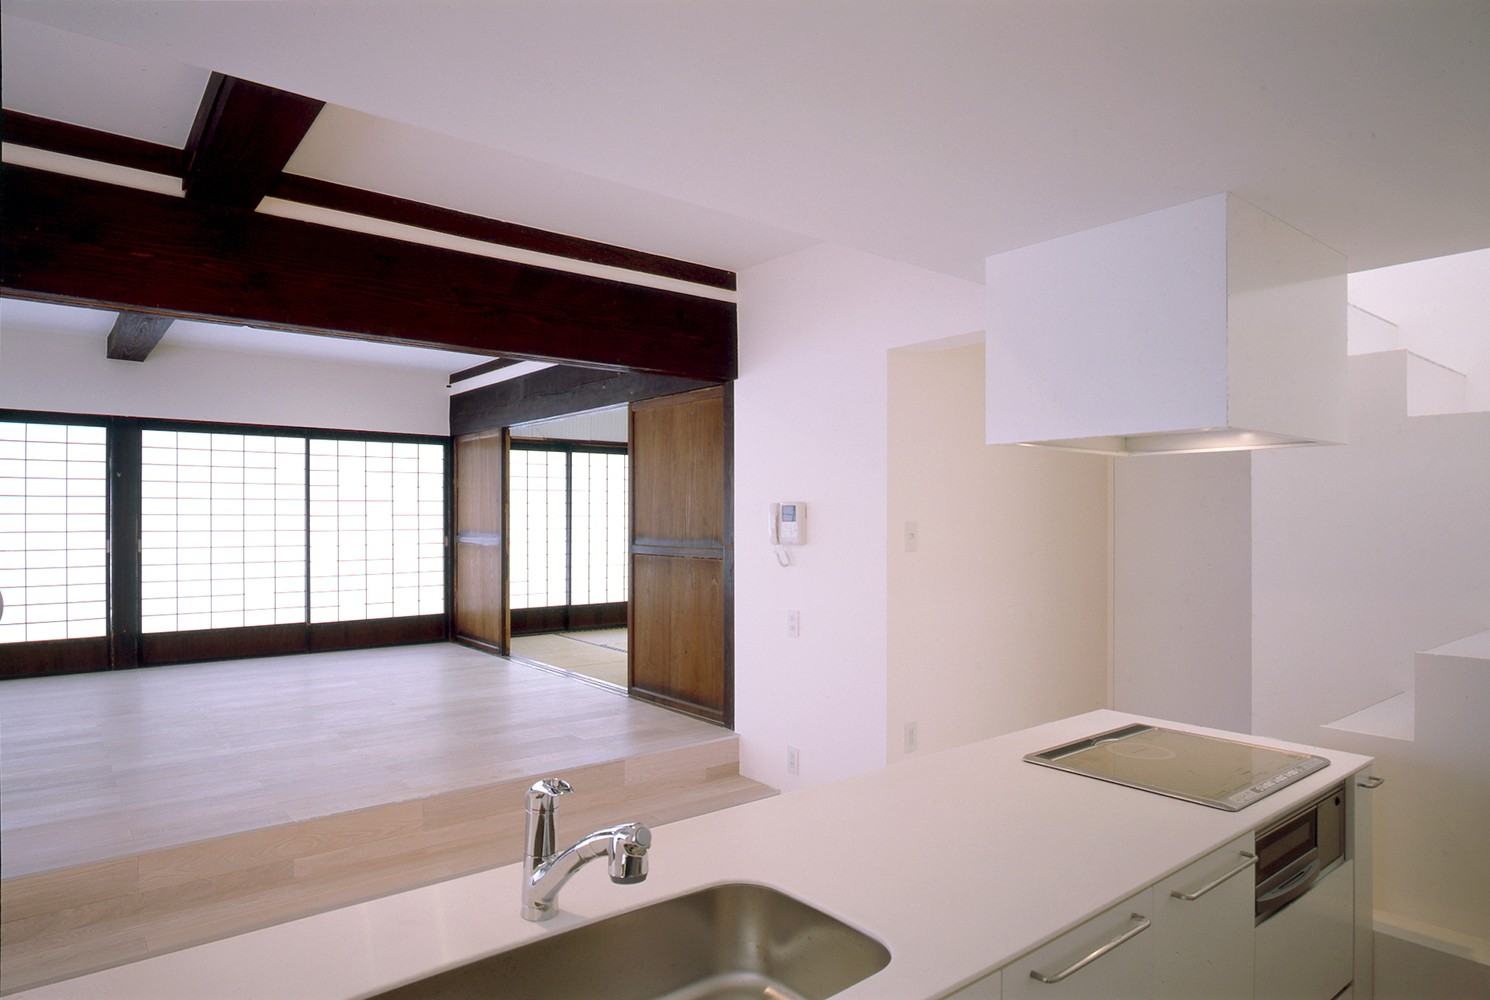 キッチン事例:子世帯キッチン(湯沢の住宅)